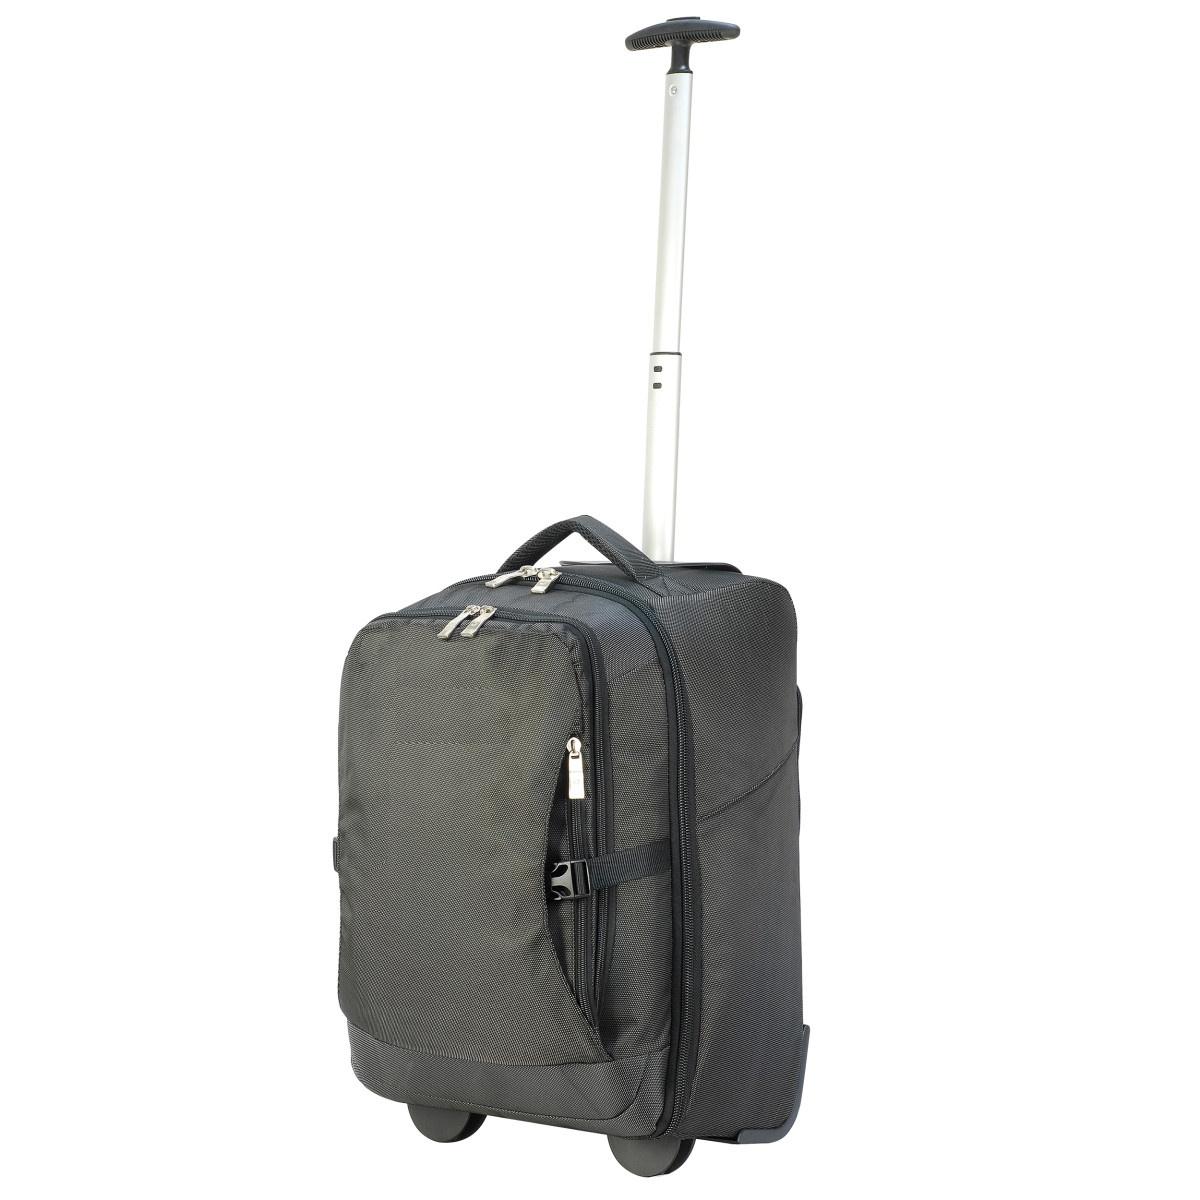 (シューゴン) Shugon Roma エアポート ラップトップ トローリー スーツケース トラベルバッグ 旅行鞄 (30L) 【海外直送】